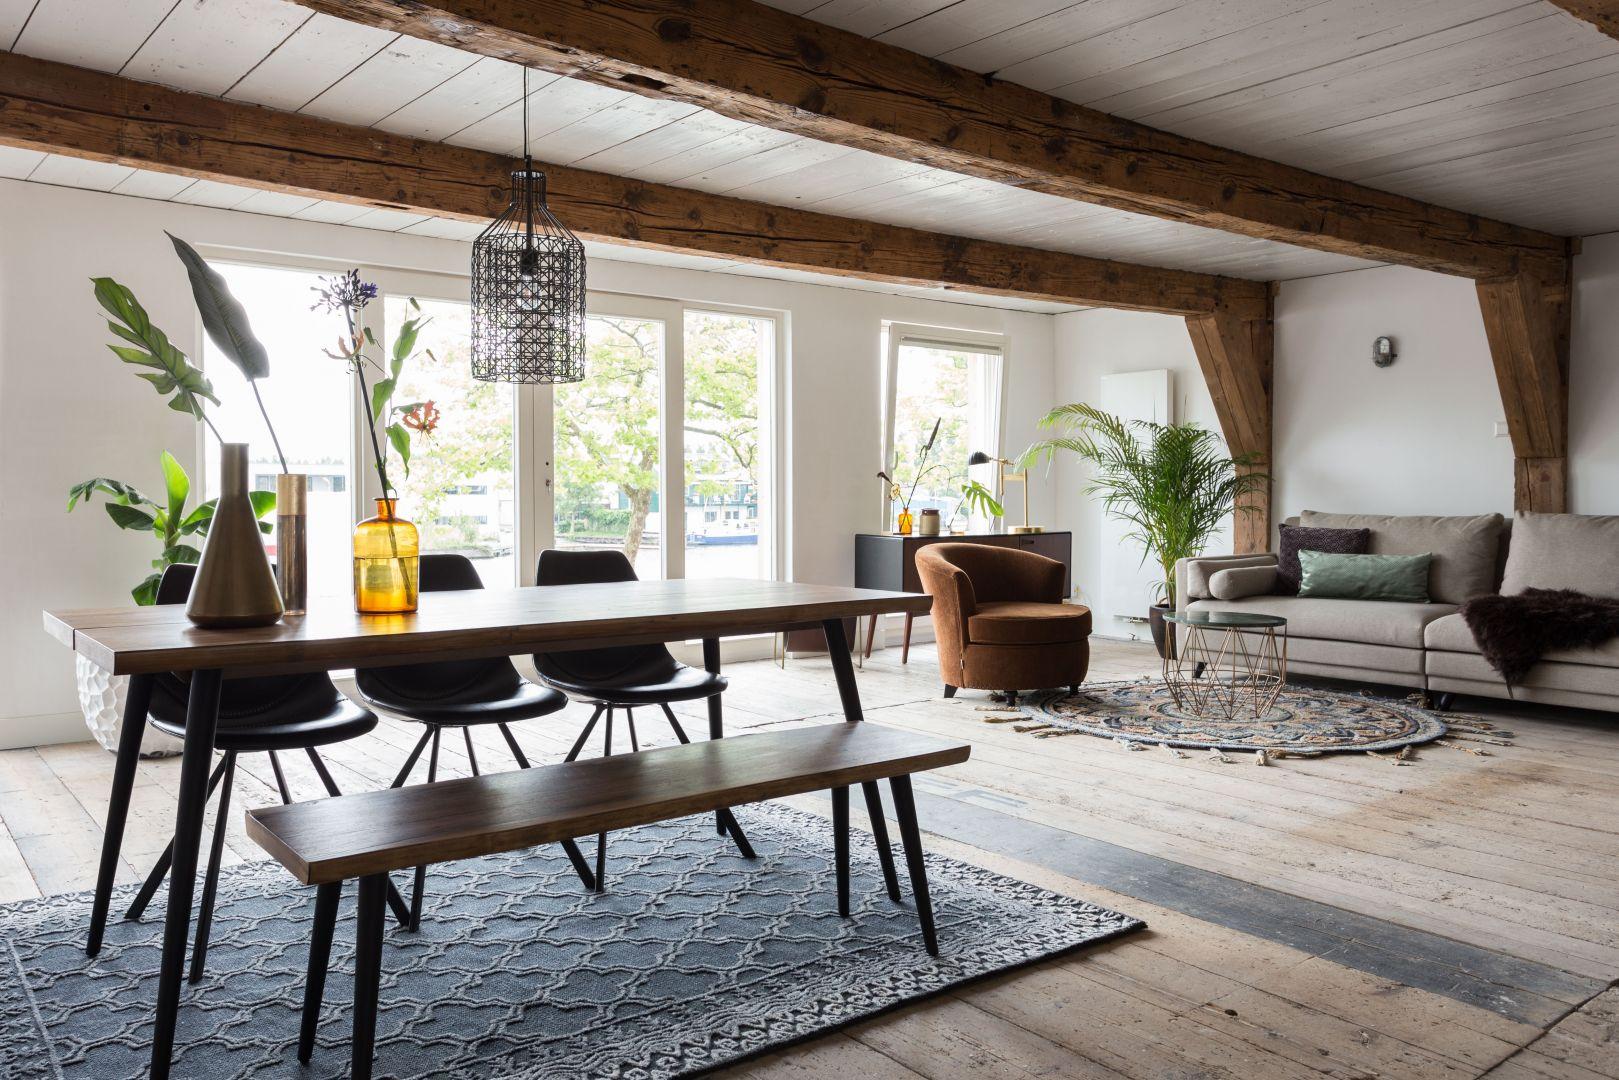 Fornirowany stół i ławka z kolekcji Alagon marki Dutchbone. Fot. Lepukka